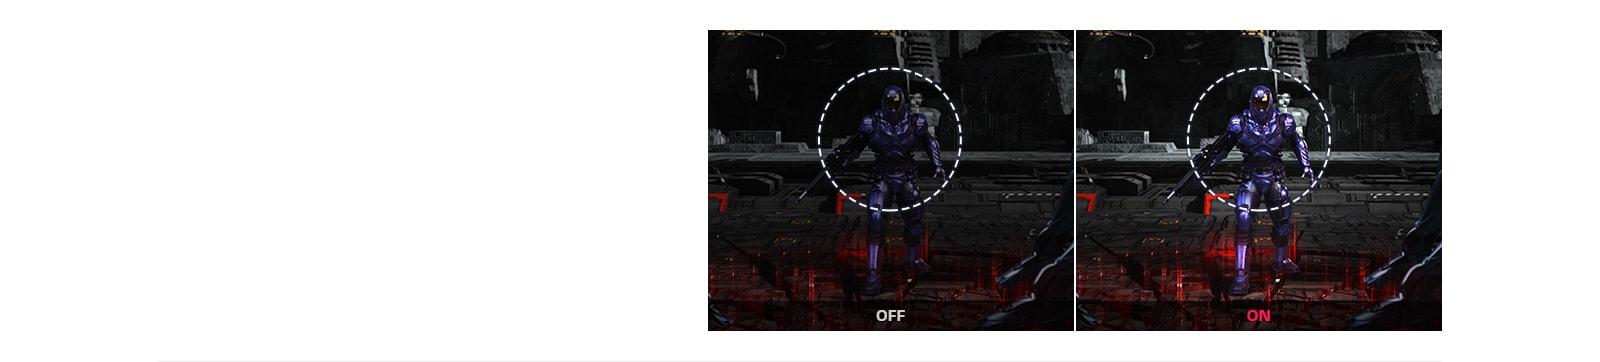 simulacija črnega stabilizatorja